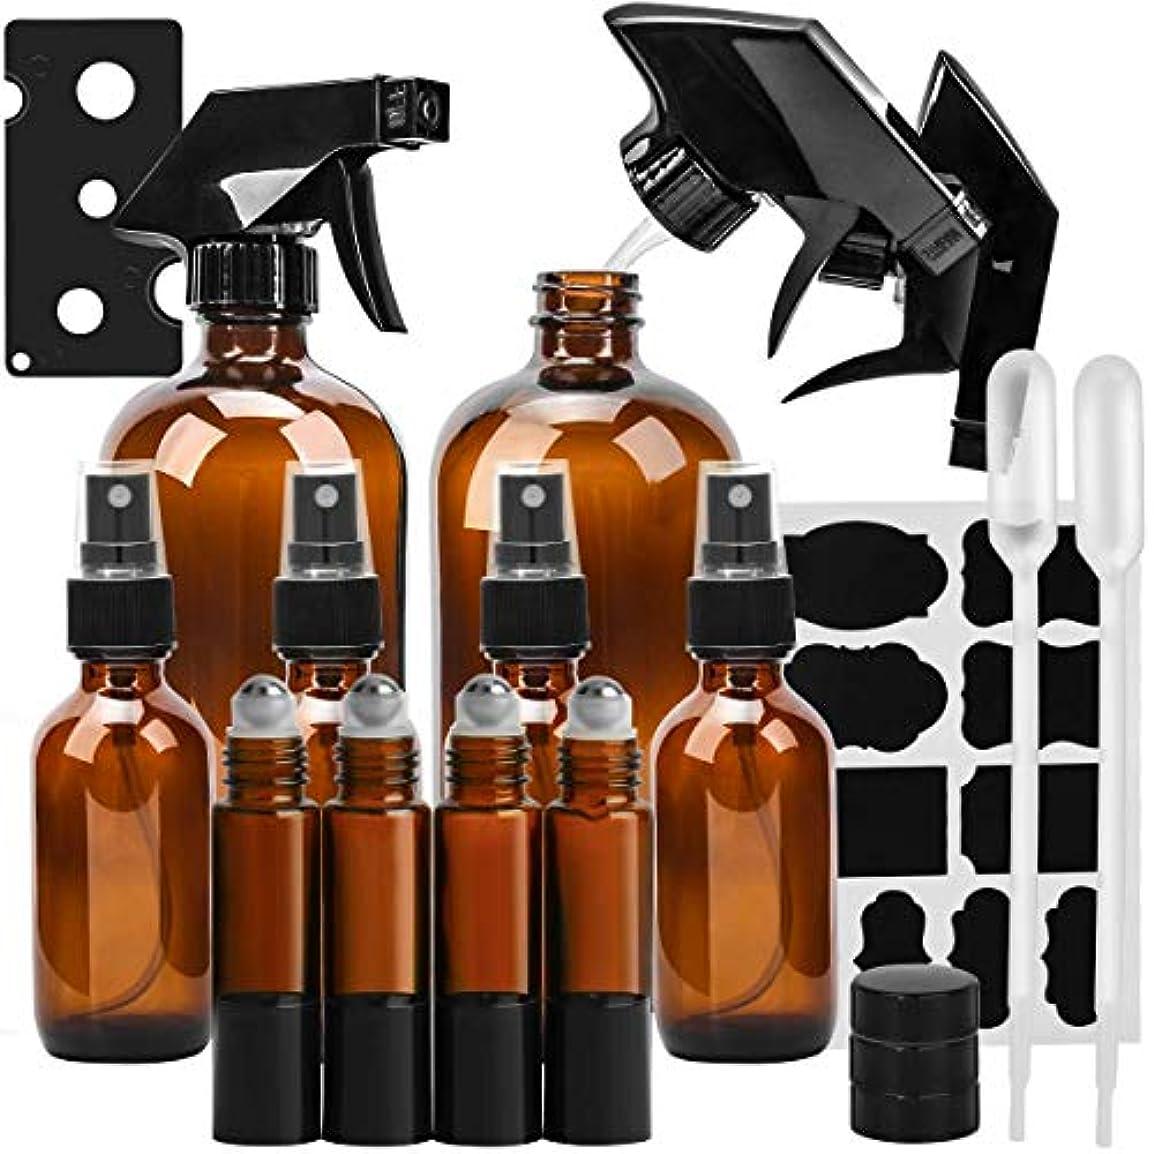 住む節約する量でKAMOTA 16オンス×2 2オンス×4 10ミリリットルローラーボトル×4 - 製品やアロマテラピーを清掃エッセンシャルオイル 用 詰め替え容器 セットガラススプレーボトルアンバーガラススプレーボトル アンバー-2